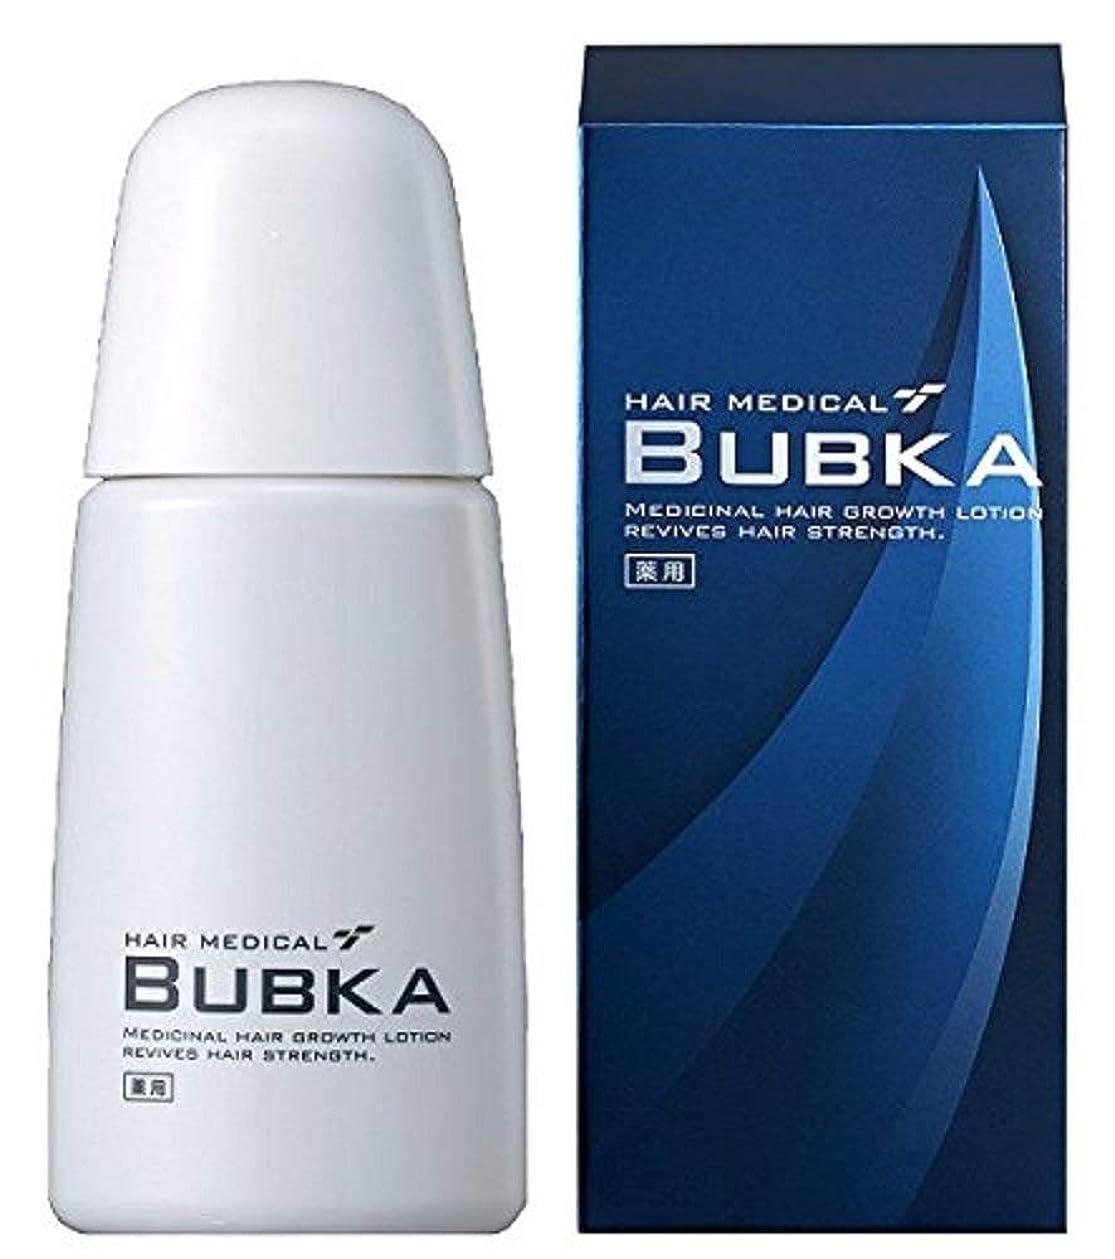 研究所日食医薬【BUBKA ブブカ 】新型 濃密育毛剤 ブブカ-003M (内容量:120ml 約1ヶ月分)(医薬部外品)